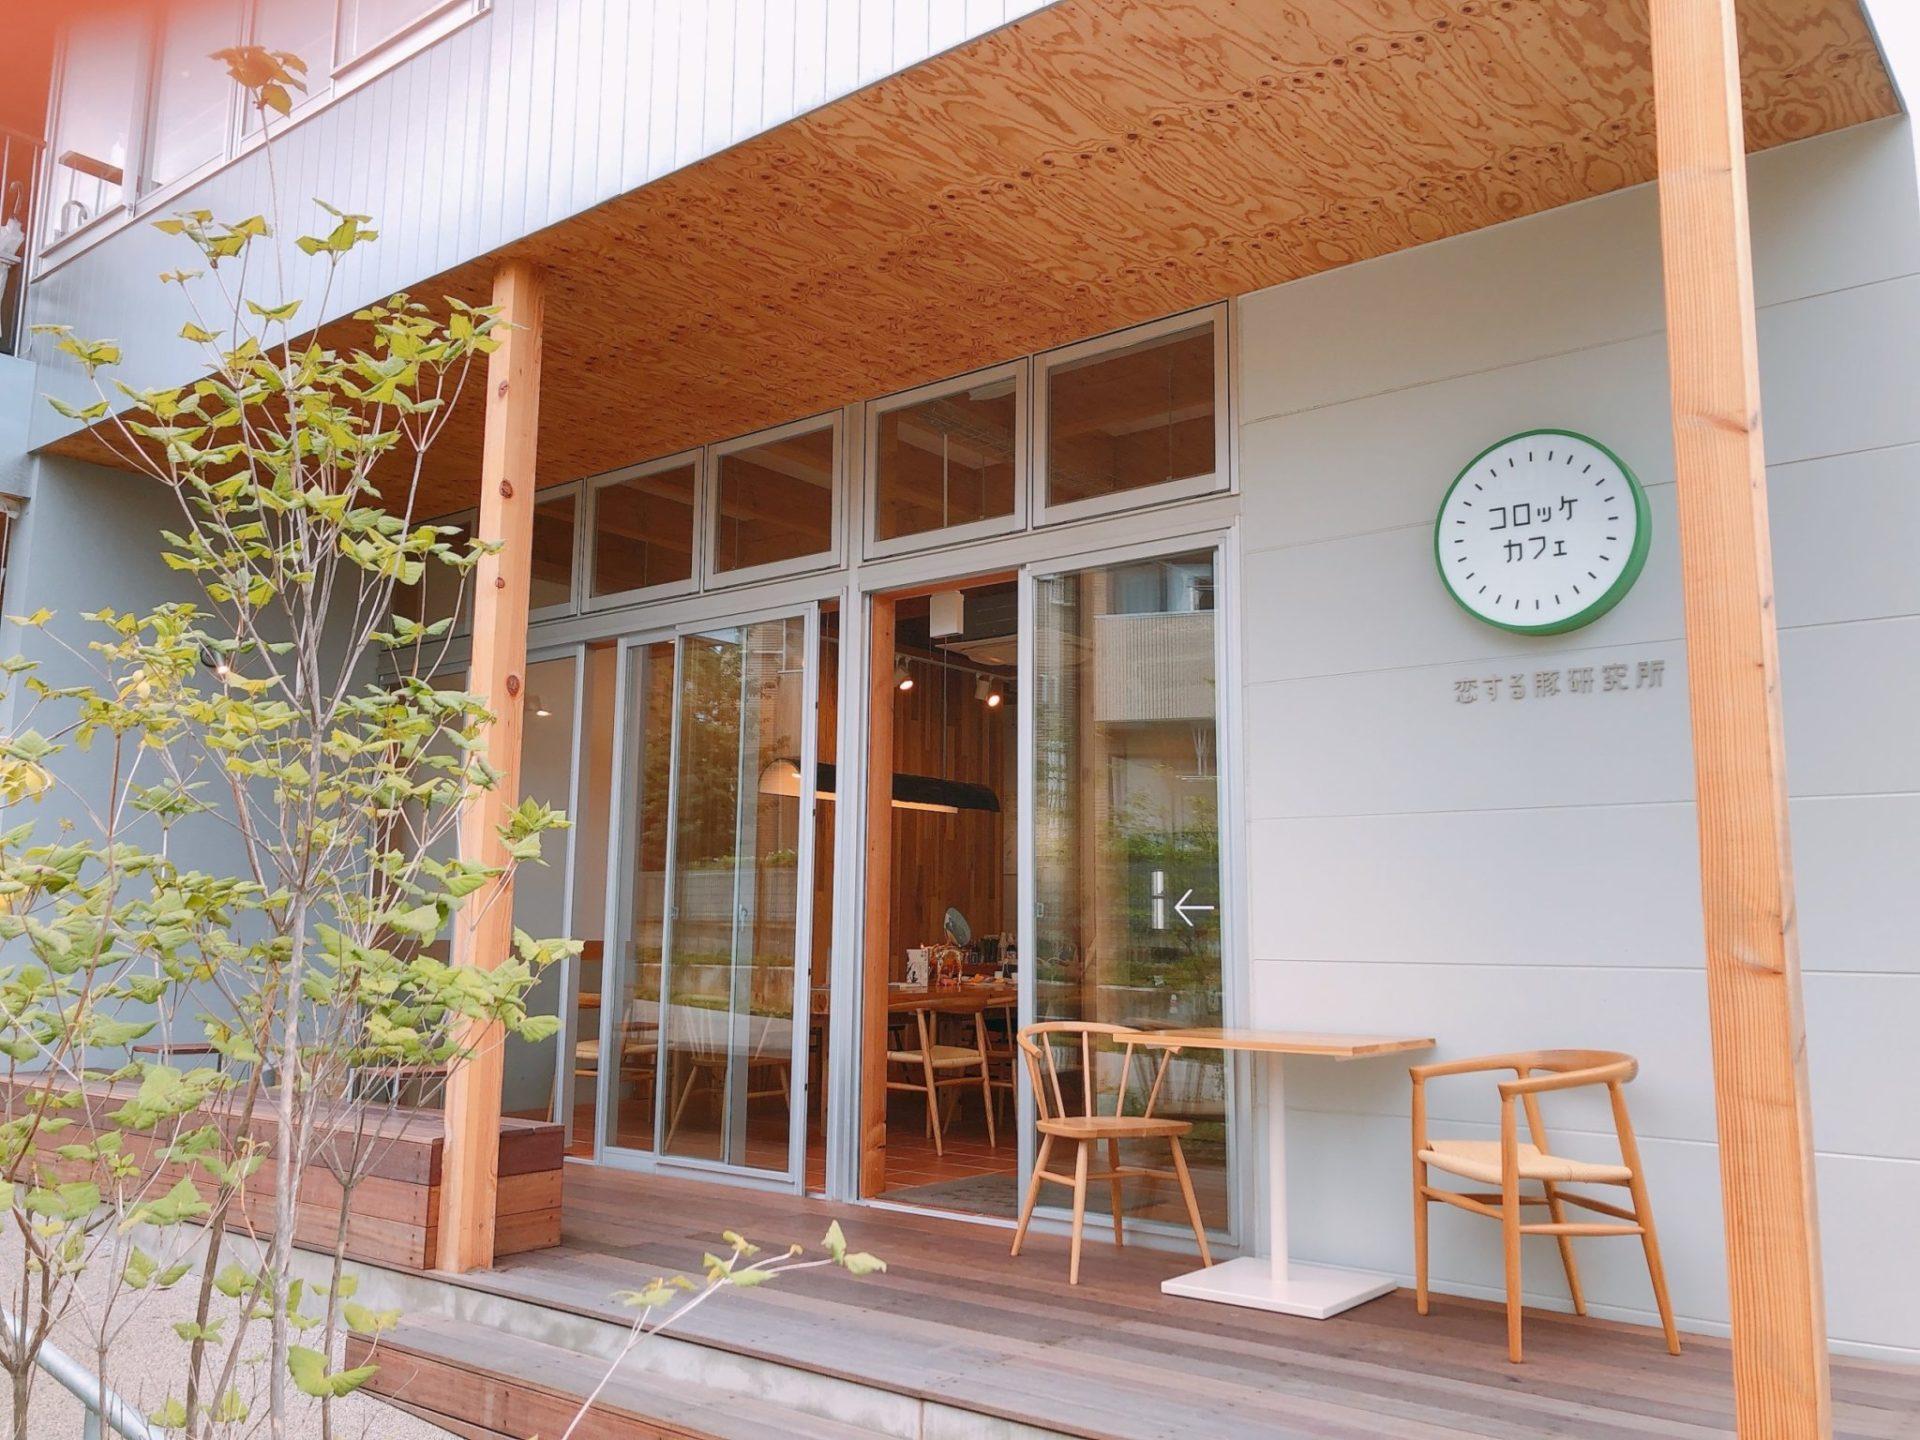 恋する豚研究所・コロッケカフェ下北沢店のテラス席